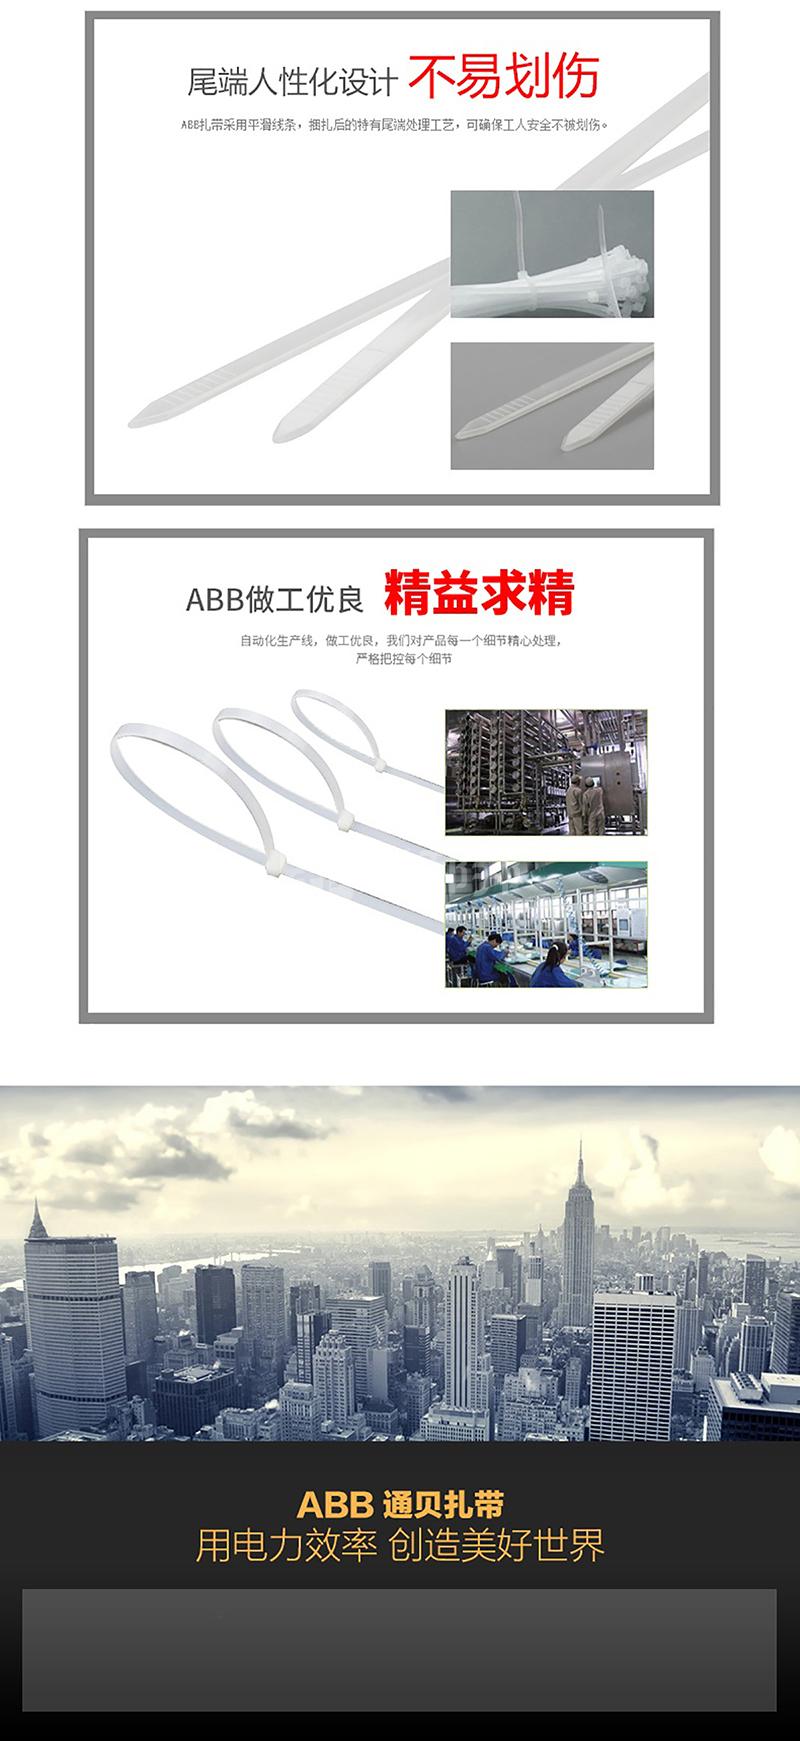 卷式束线带_ABB_10240274_扎带_Spe-Kon系列_140mm_3.6mm采购_报价_工邦邦